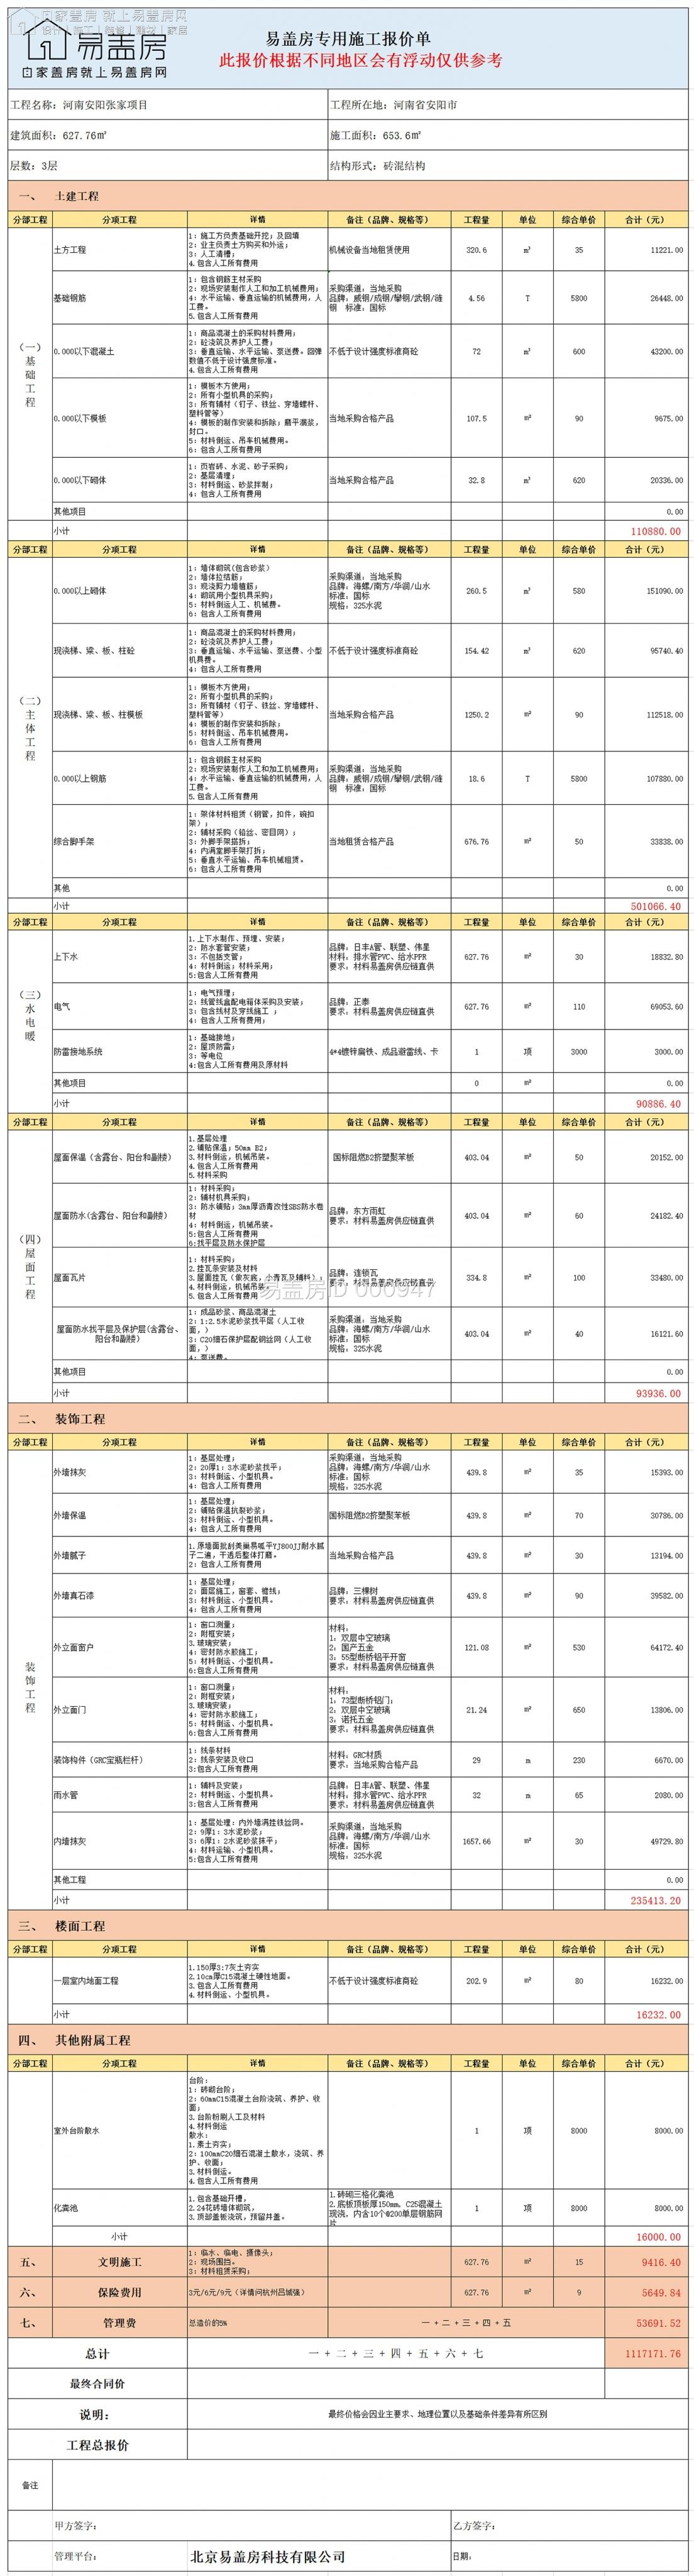 图纸  ID  947河南安阳张先生项目信息对接舒展威_00.jpg